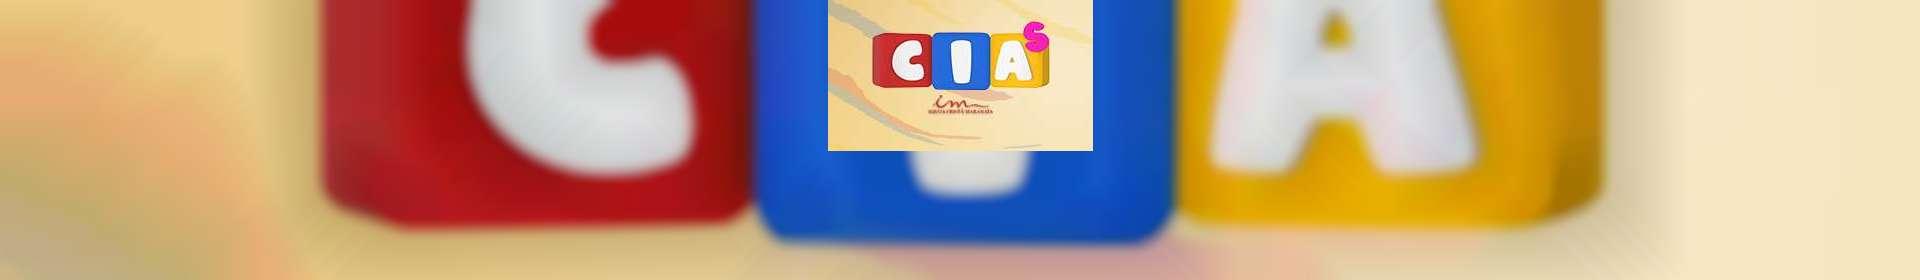 Aula de CIAS: classe de 3 a 7 anos - 09 de julho de 2020